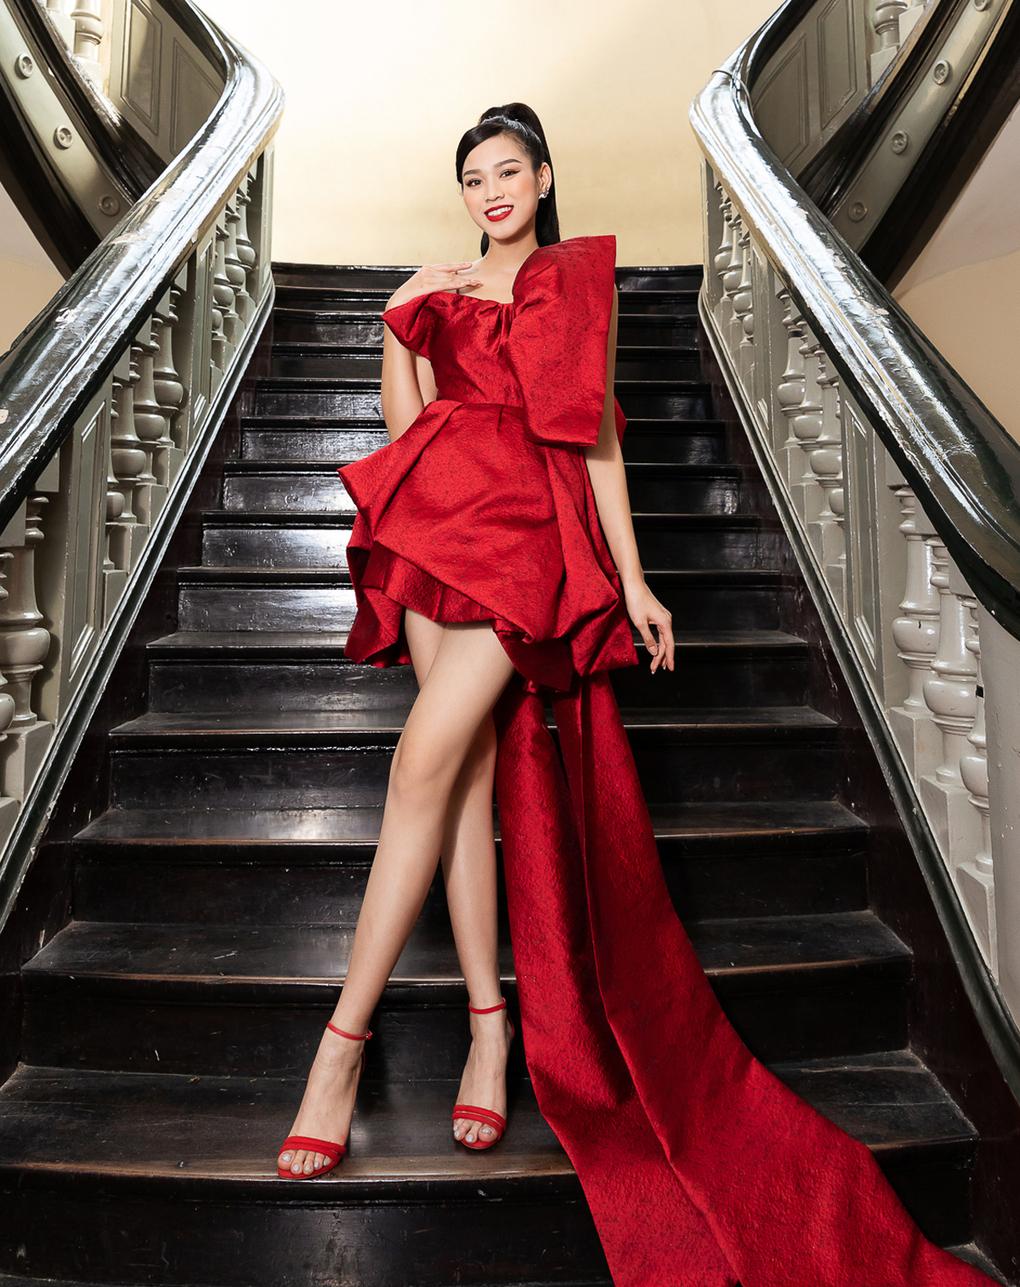 Ở các sự kiện, Đỗ Thị Hà ưu ái tông màu đỏ rực tôn da, giúp cô nổi bật hơn trước ống kính.